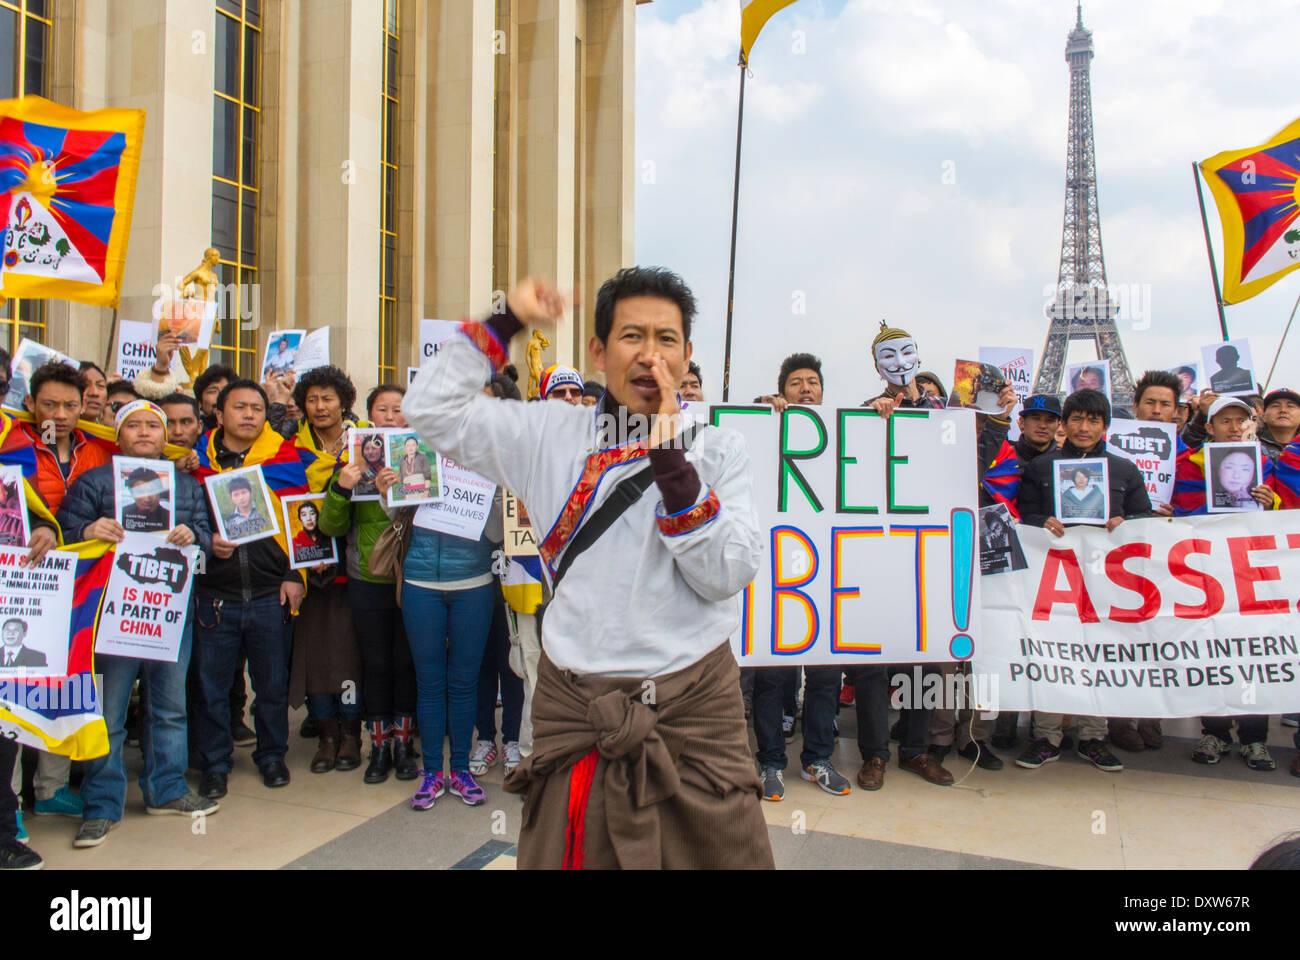 El Tibetano, taiwaneses comunidades étnicas de Francia, y sus amigos llamados para movilizar a los ciudadanos franceses durante la visita del presidente chino en París, sosteniendo carteles de protesta, protestas por los derechos de los ciudadanos Foto de stock